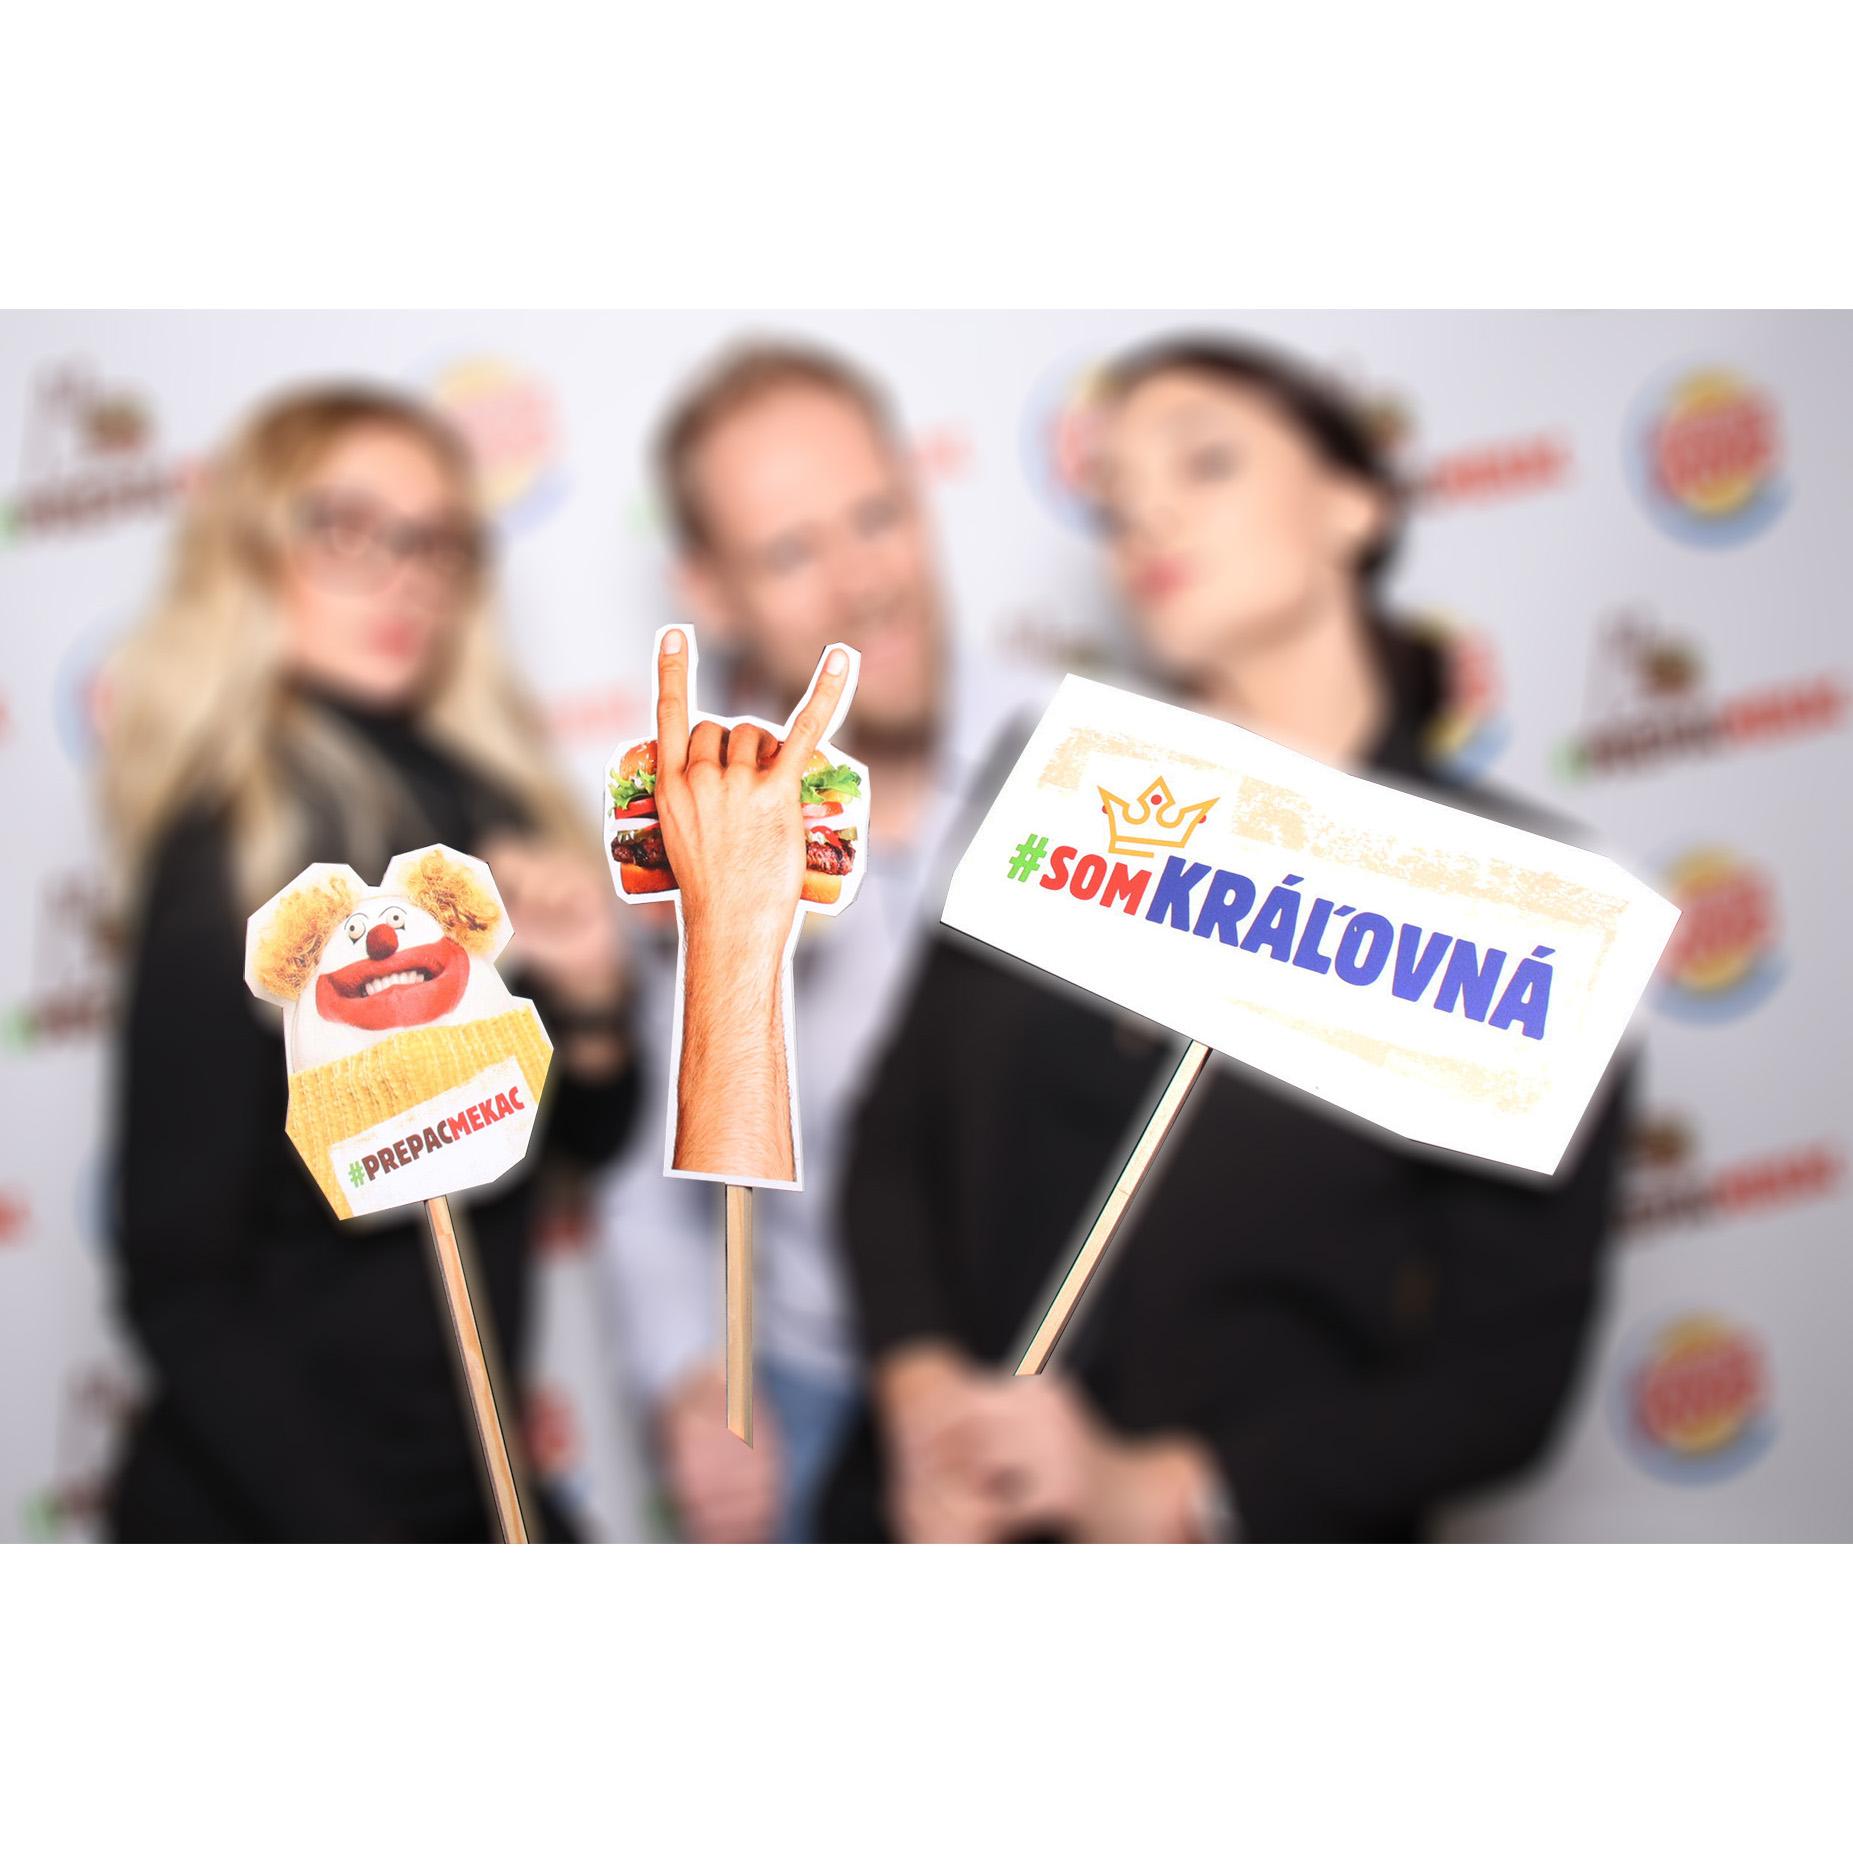 rekvizity na firemnu party fotokutik event zilina bratislava FOTOKÚTIK.sk - PHOTOBOOTH.sk